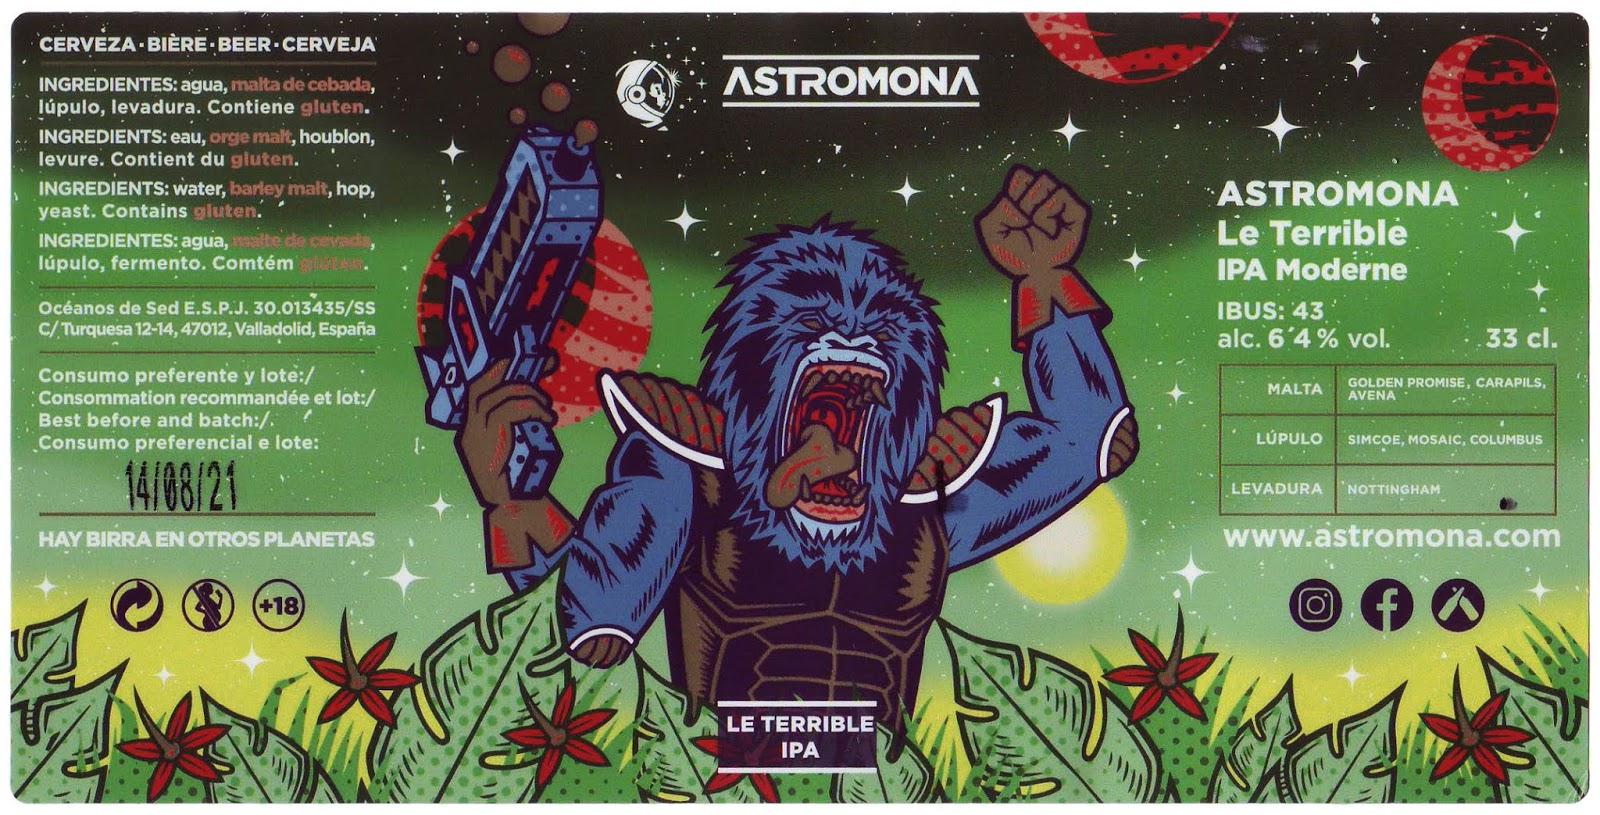 Astromona Le Terrible